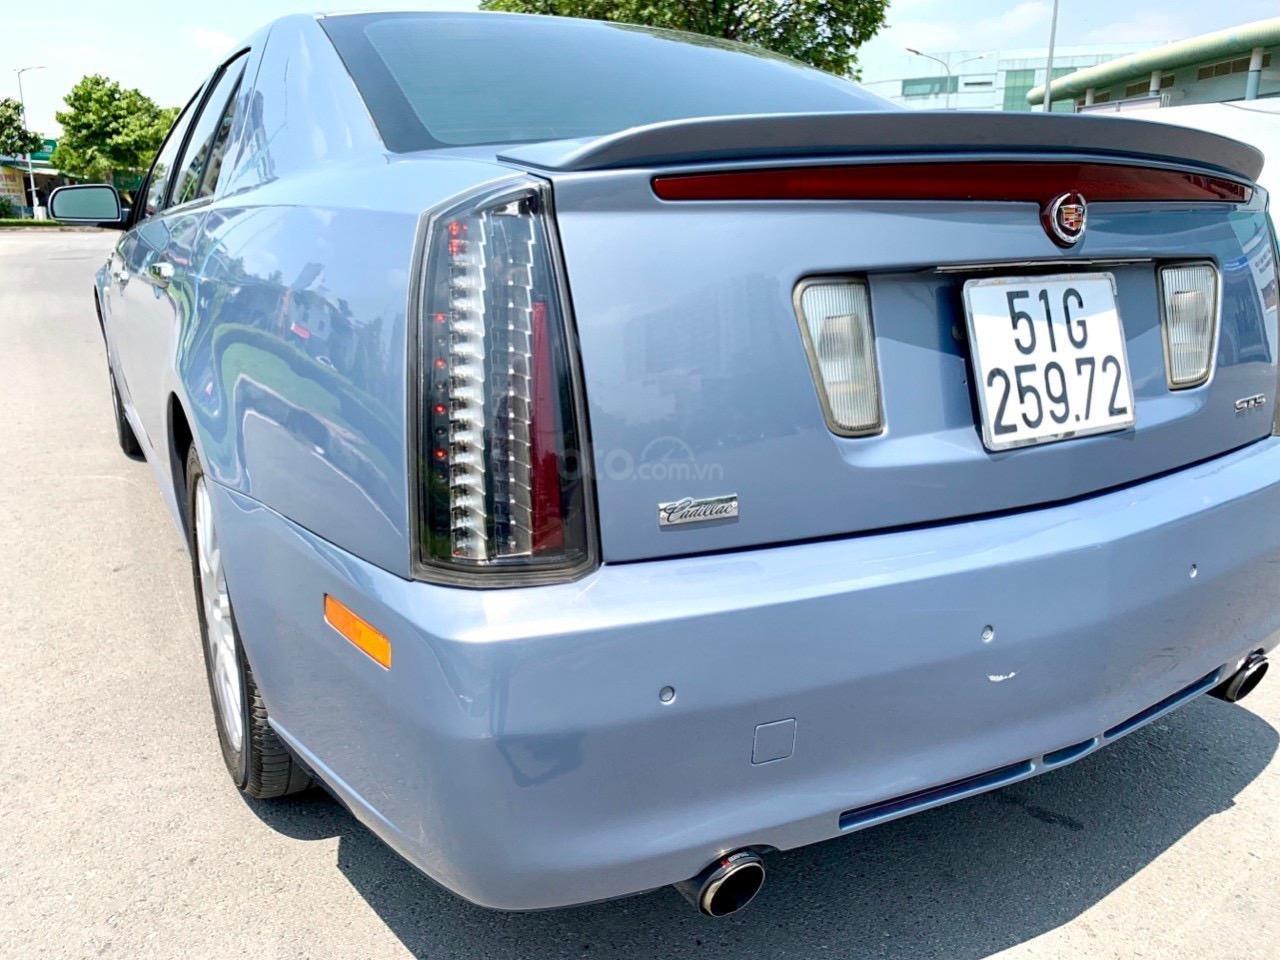 Cadillac STS nhập Mỹ 2010, hàng full đủ đồ chơi, nút đề star/top, hai cửa sổ trời (3)